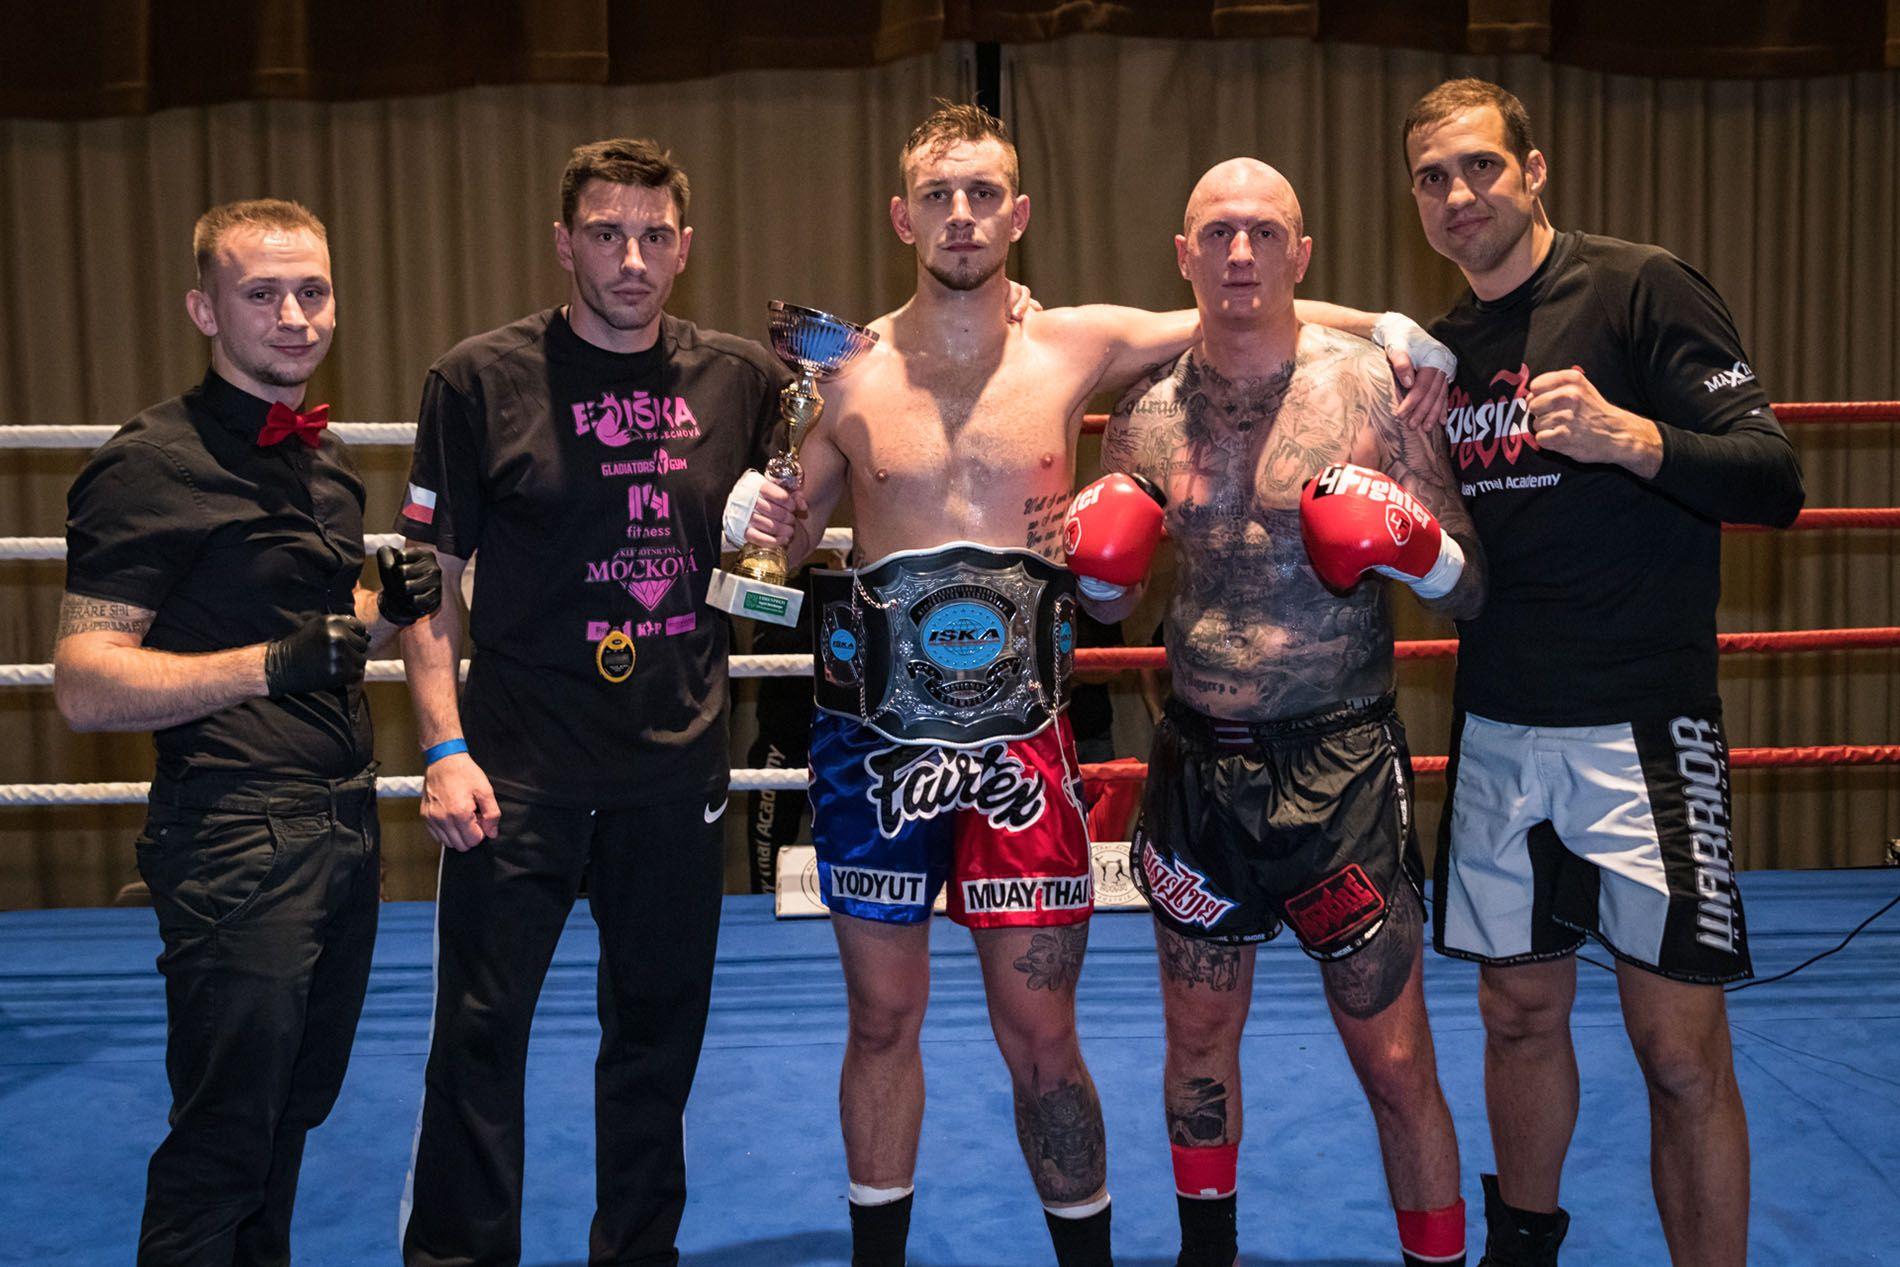 Gruppenfoto mit David Brandl, David Keclik, Ringrichter und Gegner.